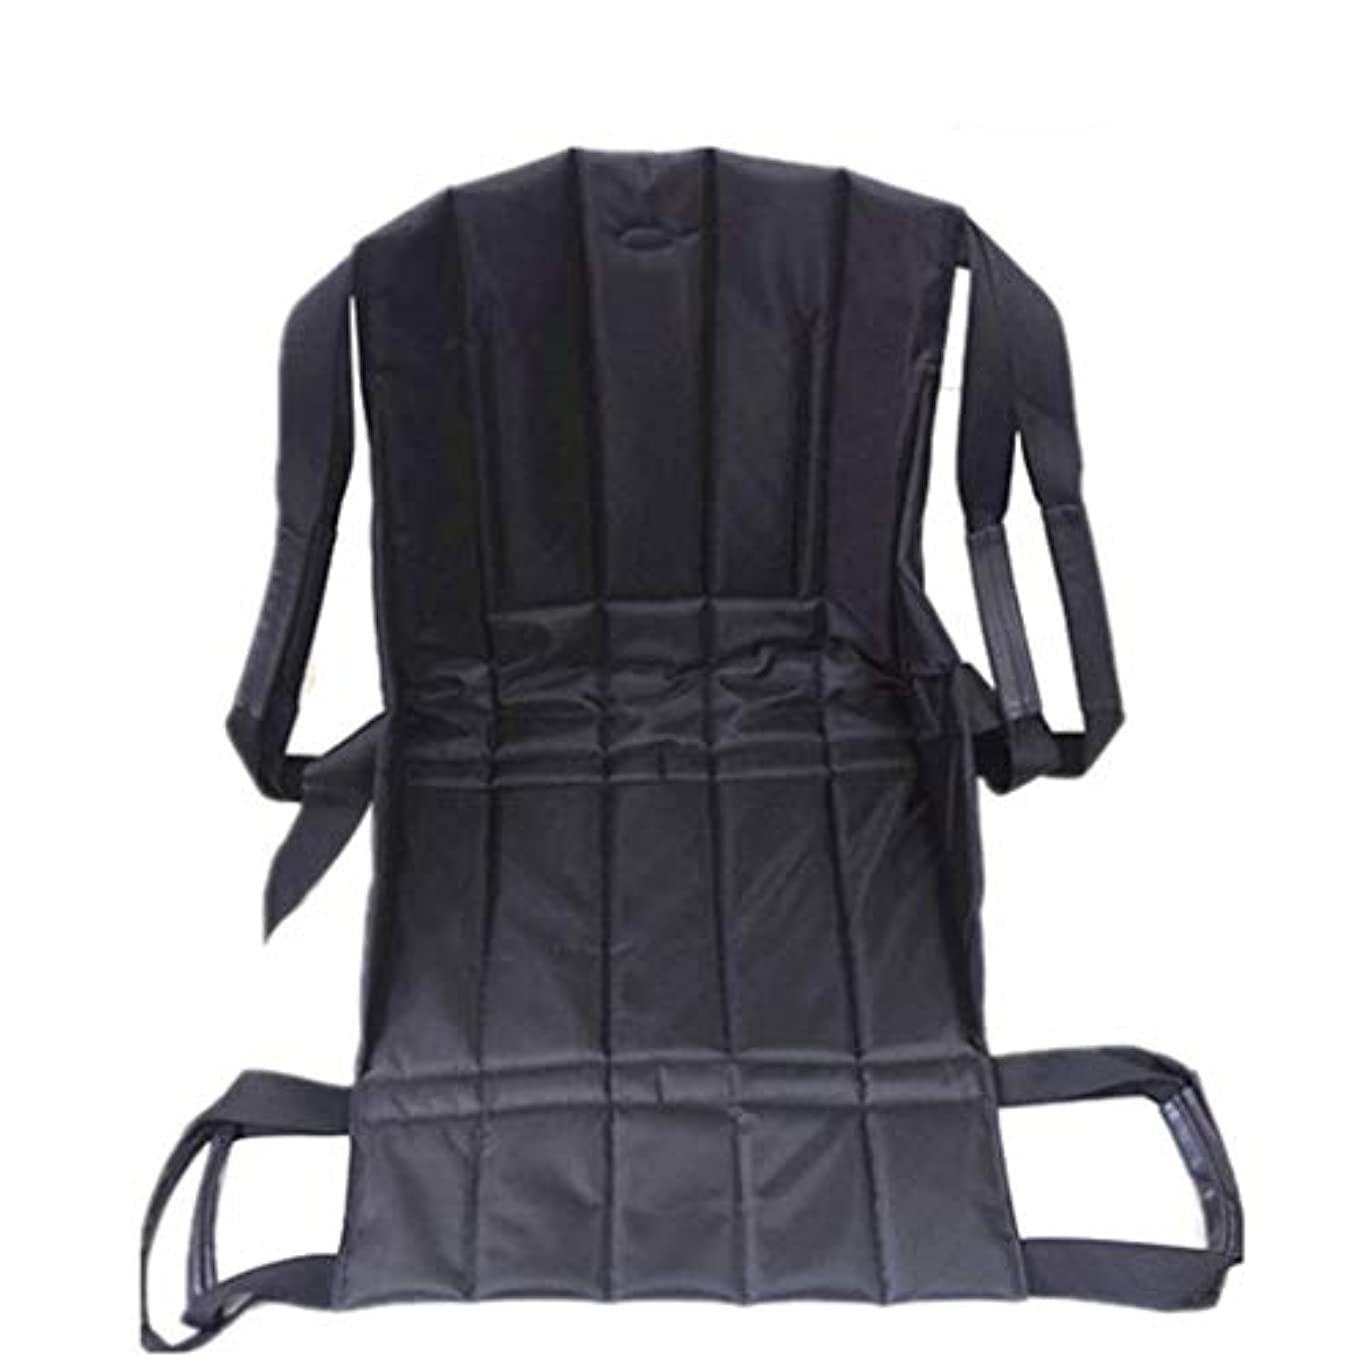 性交弾力性のある解明する患者リフト階段スライドボード移動緊急避難用椅子車椅子シートベルト安全全身医療用リフティングスリングスライディング移動ディスク使用高齢者用